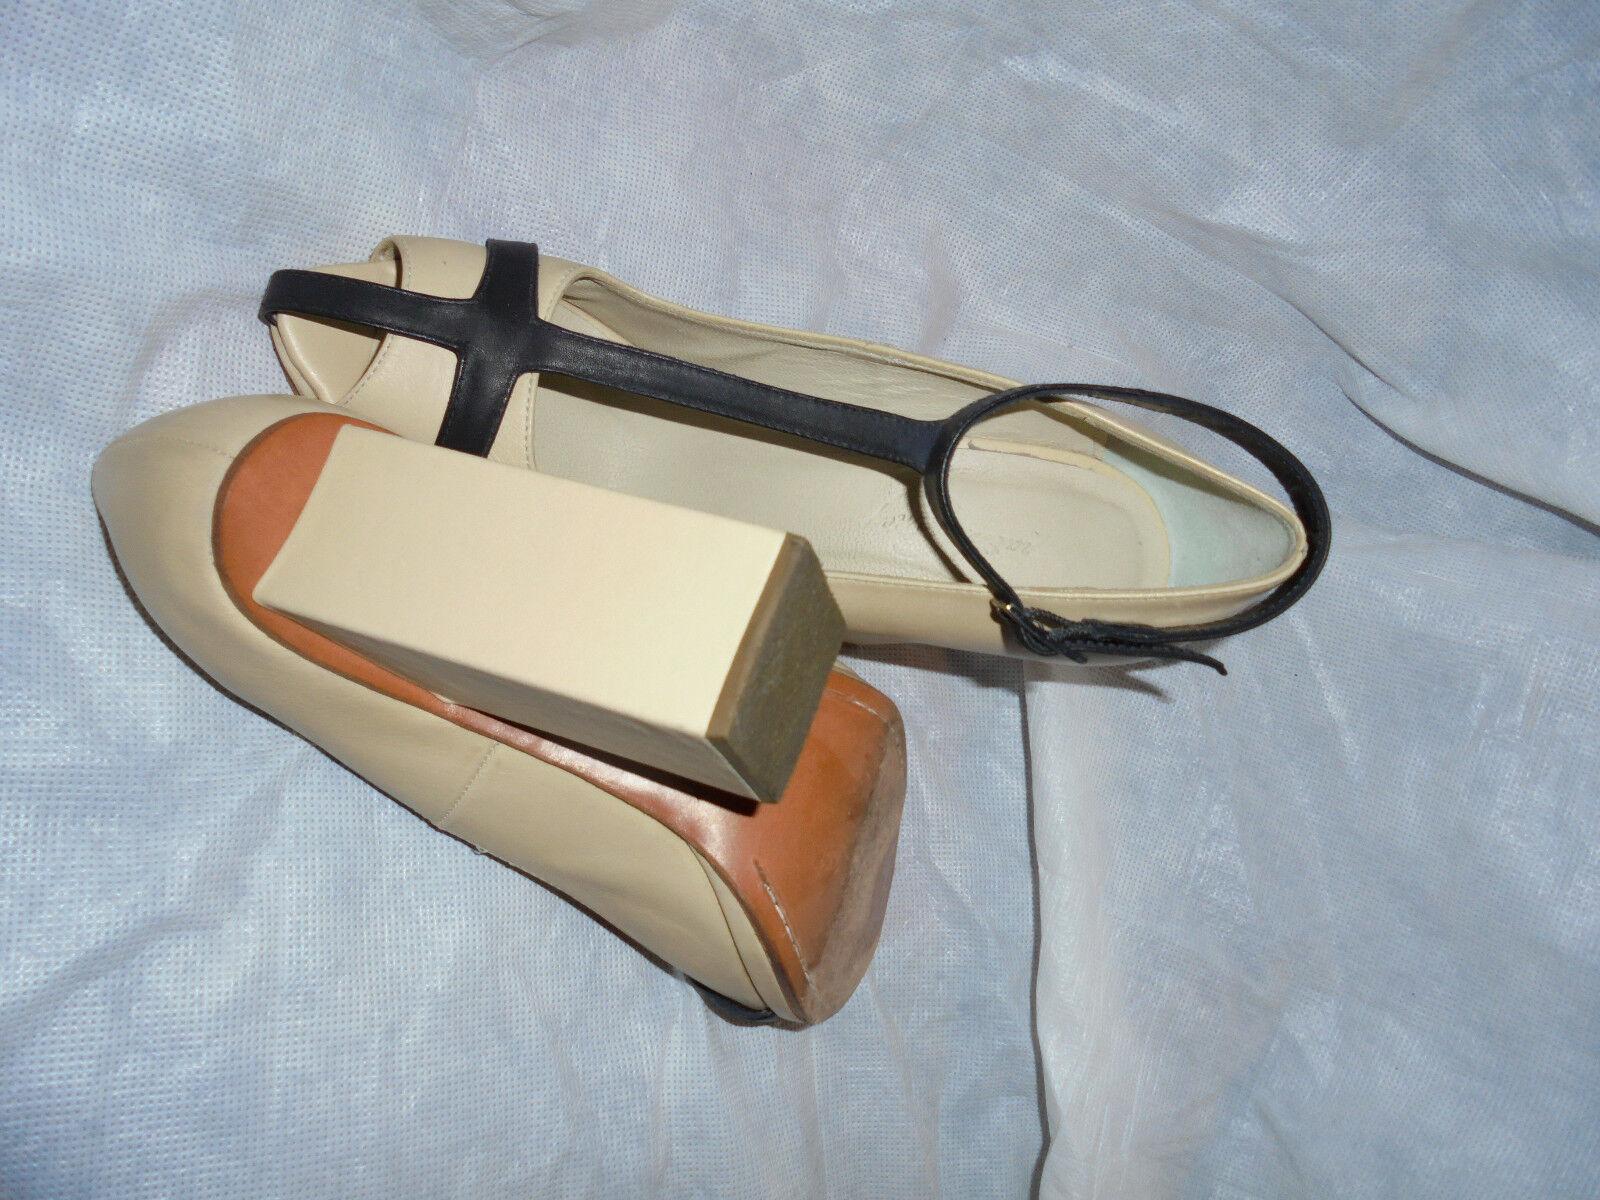 Rachel comey Femme Beige Noir Cuir Sandales Taille UK 5.5 5.5 5.5 EU 38.5 US 8.5 très bon état 8398d4